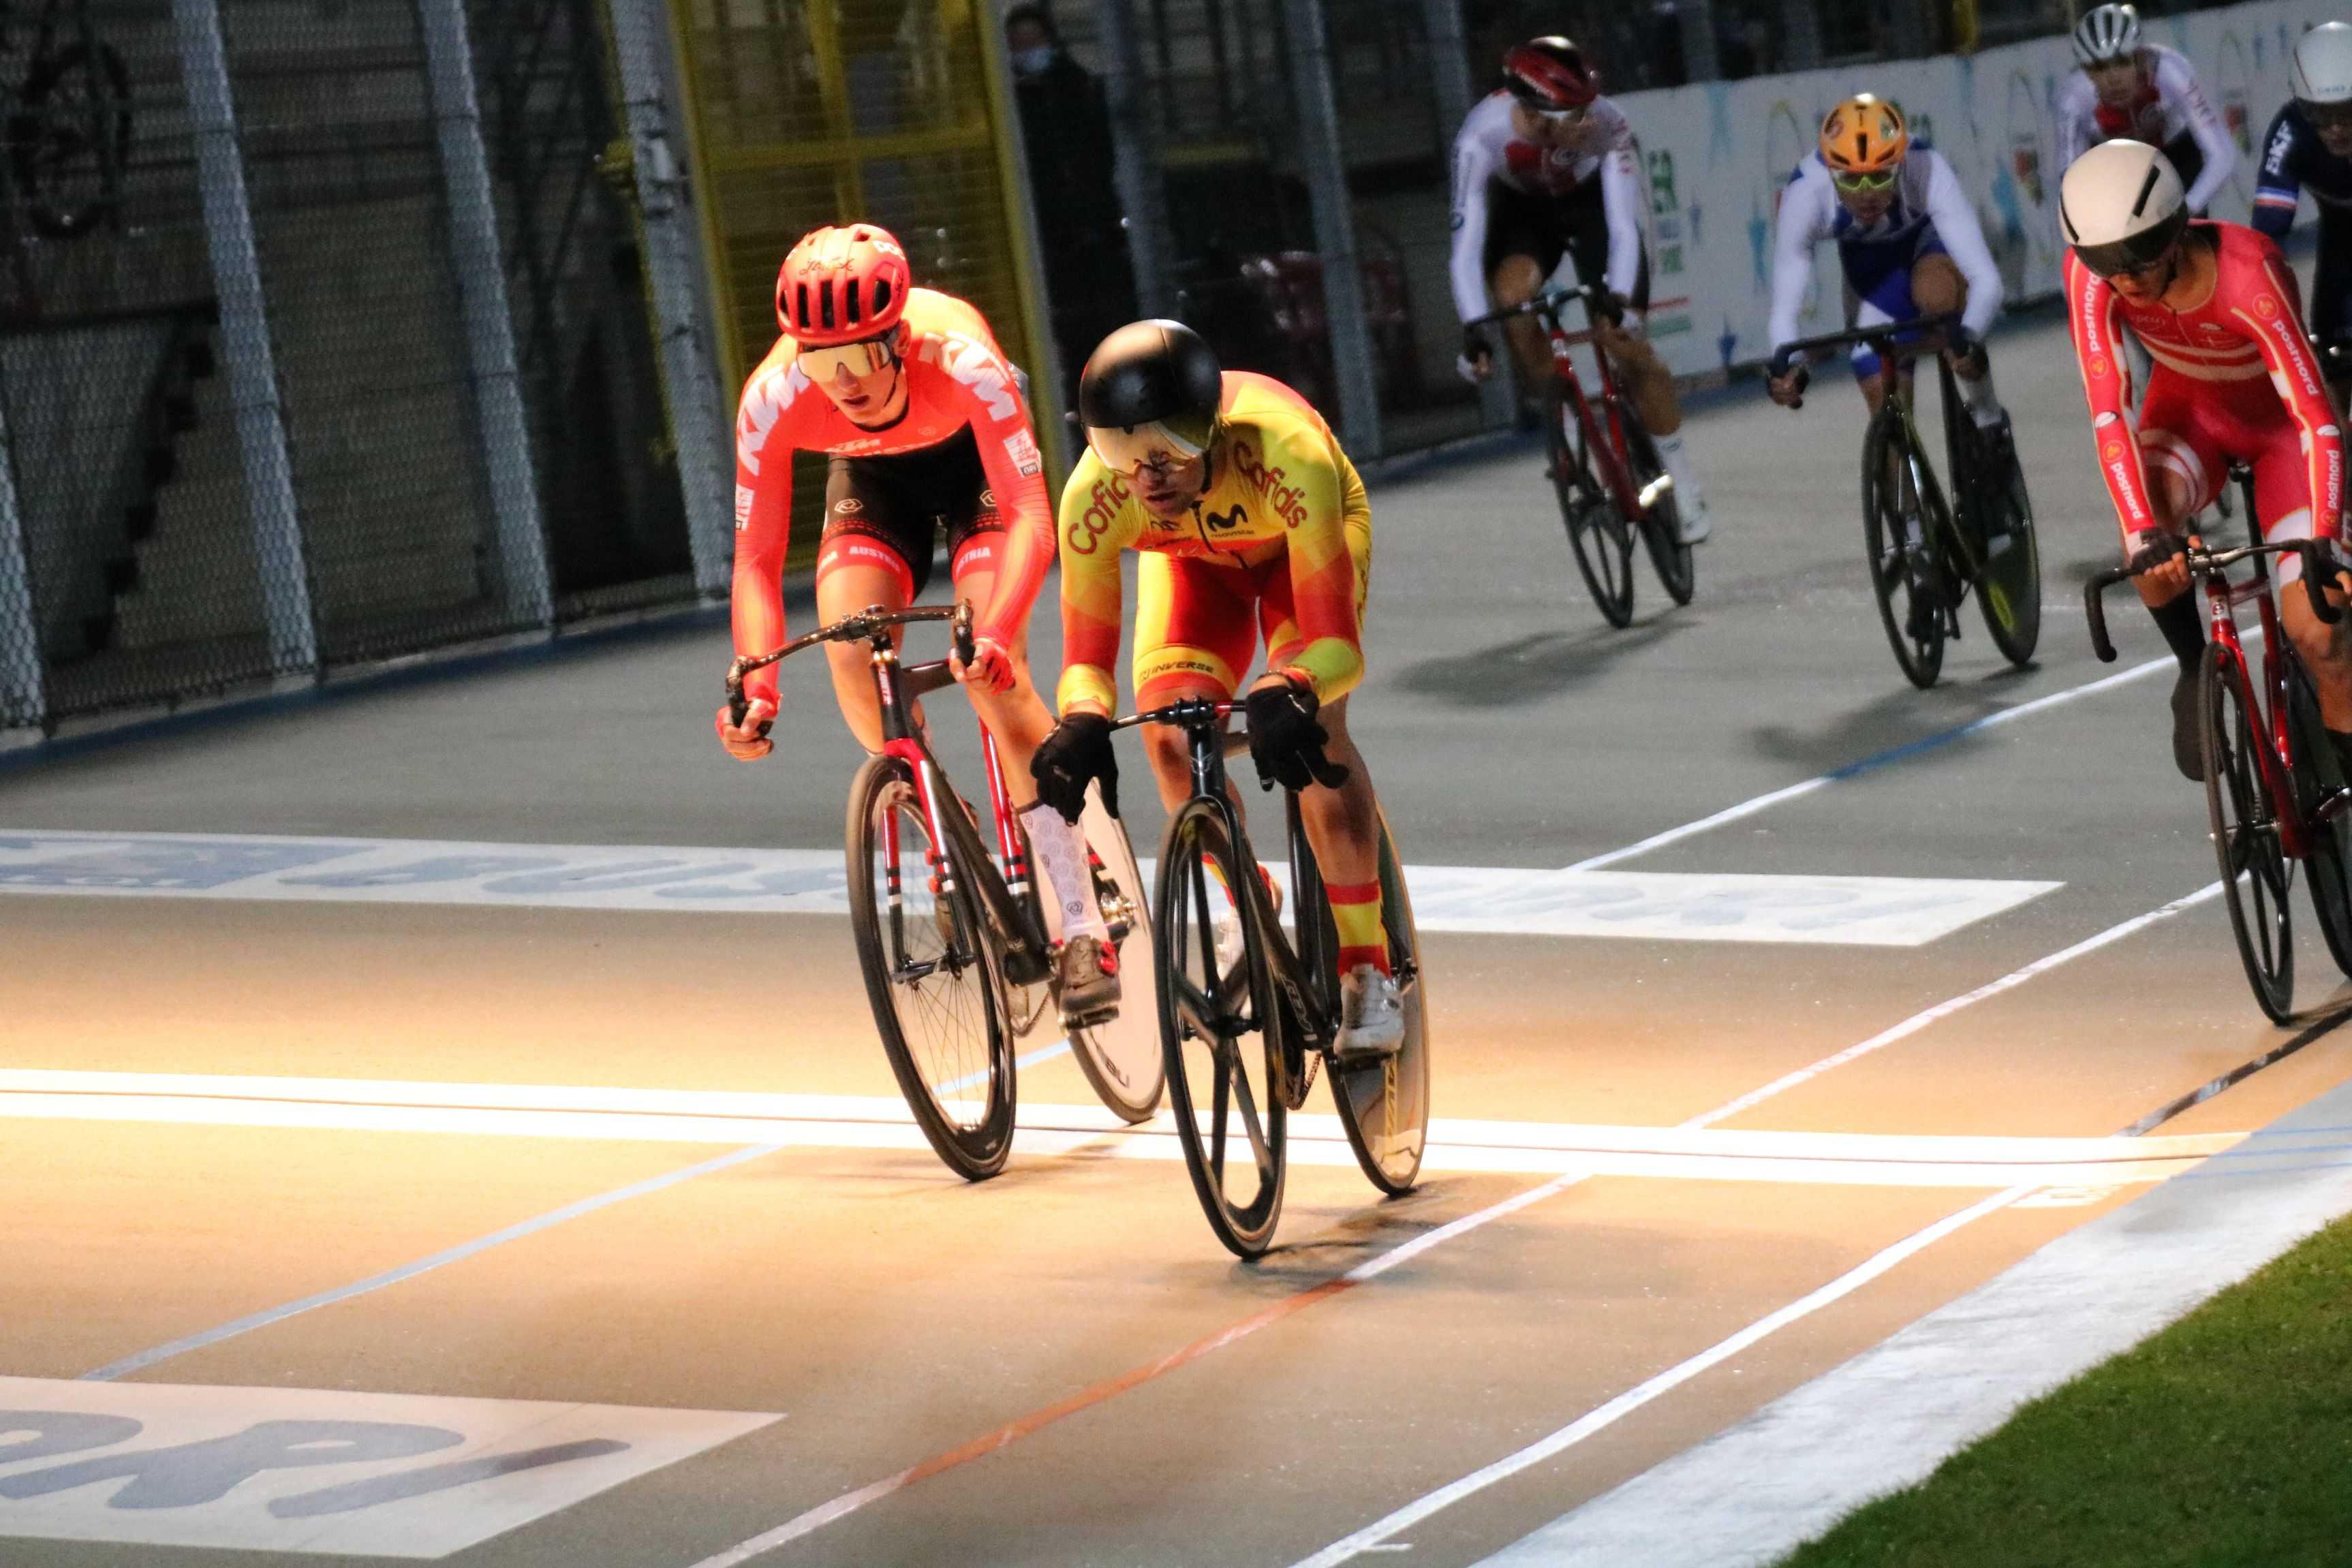 #TeamESPciclismo / Campeonato de Europa de Pista junior-Sub23 2020 - Sábado 10 y lunes 12 de octubre